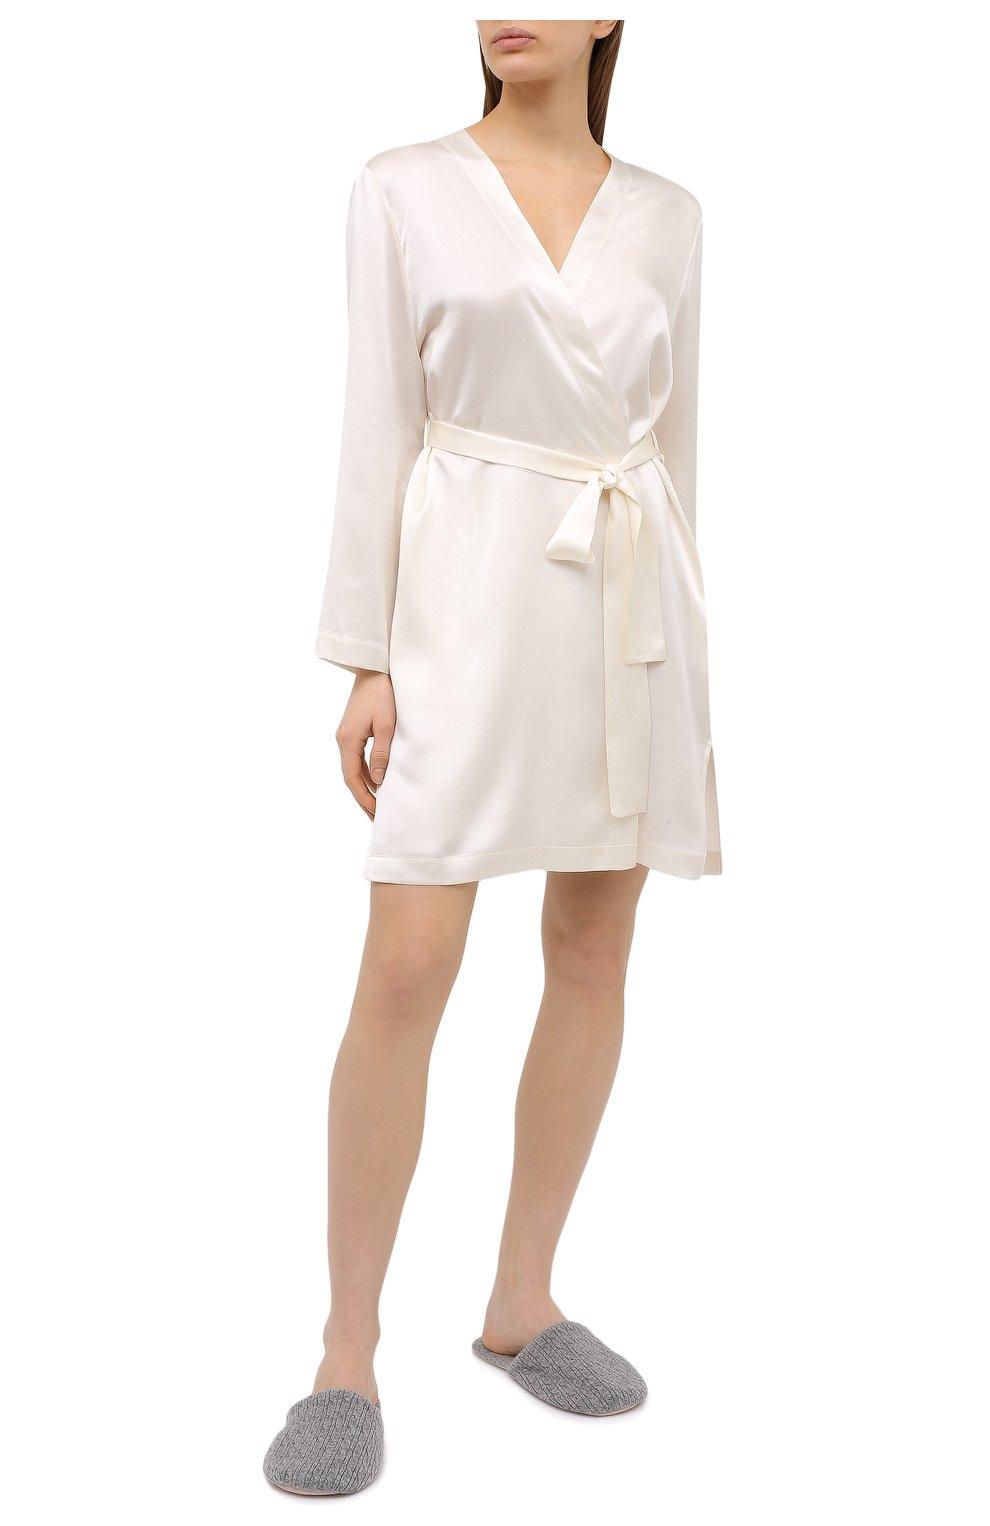 Женский шелковый халат LUNA DI SETA светло-бежевого цвета, арт. VLST08009   Фото 2 (Материал внешний: Шелк; Рукава: Длинные; Длина Ж (юбки, платья, шорты): Мини)